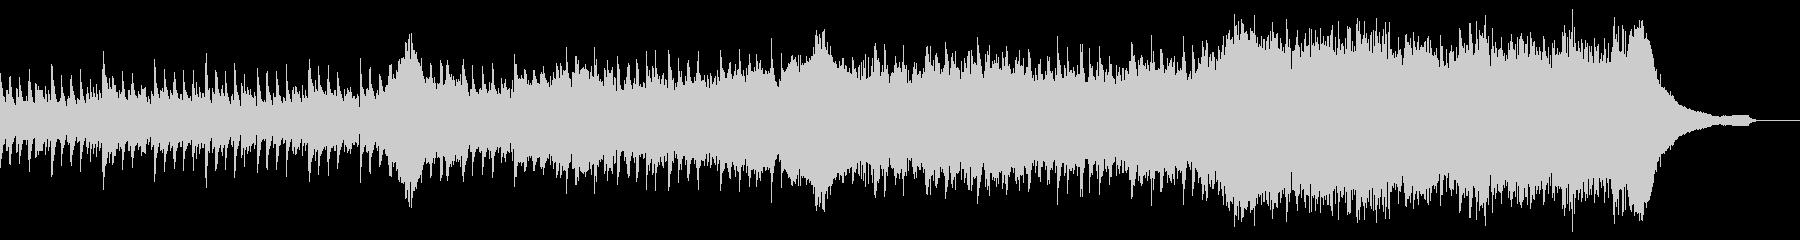 企業VP映像、105オーケストラ、爽快bの未再生の波形